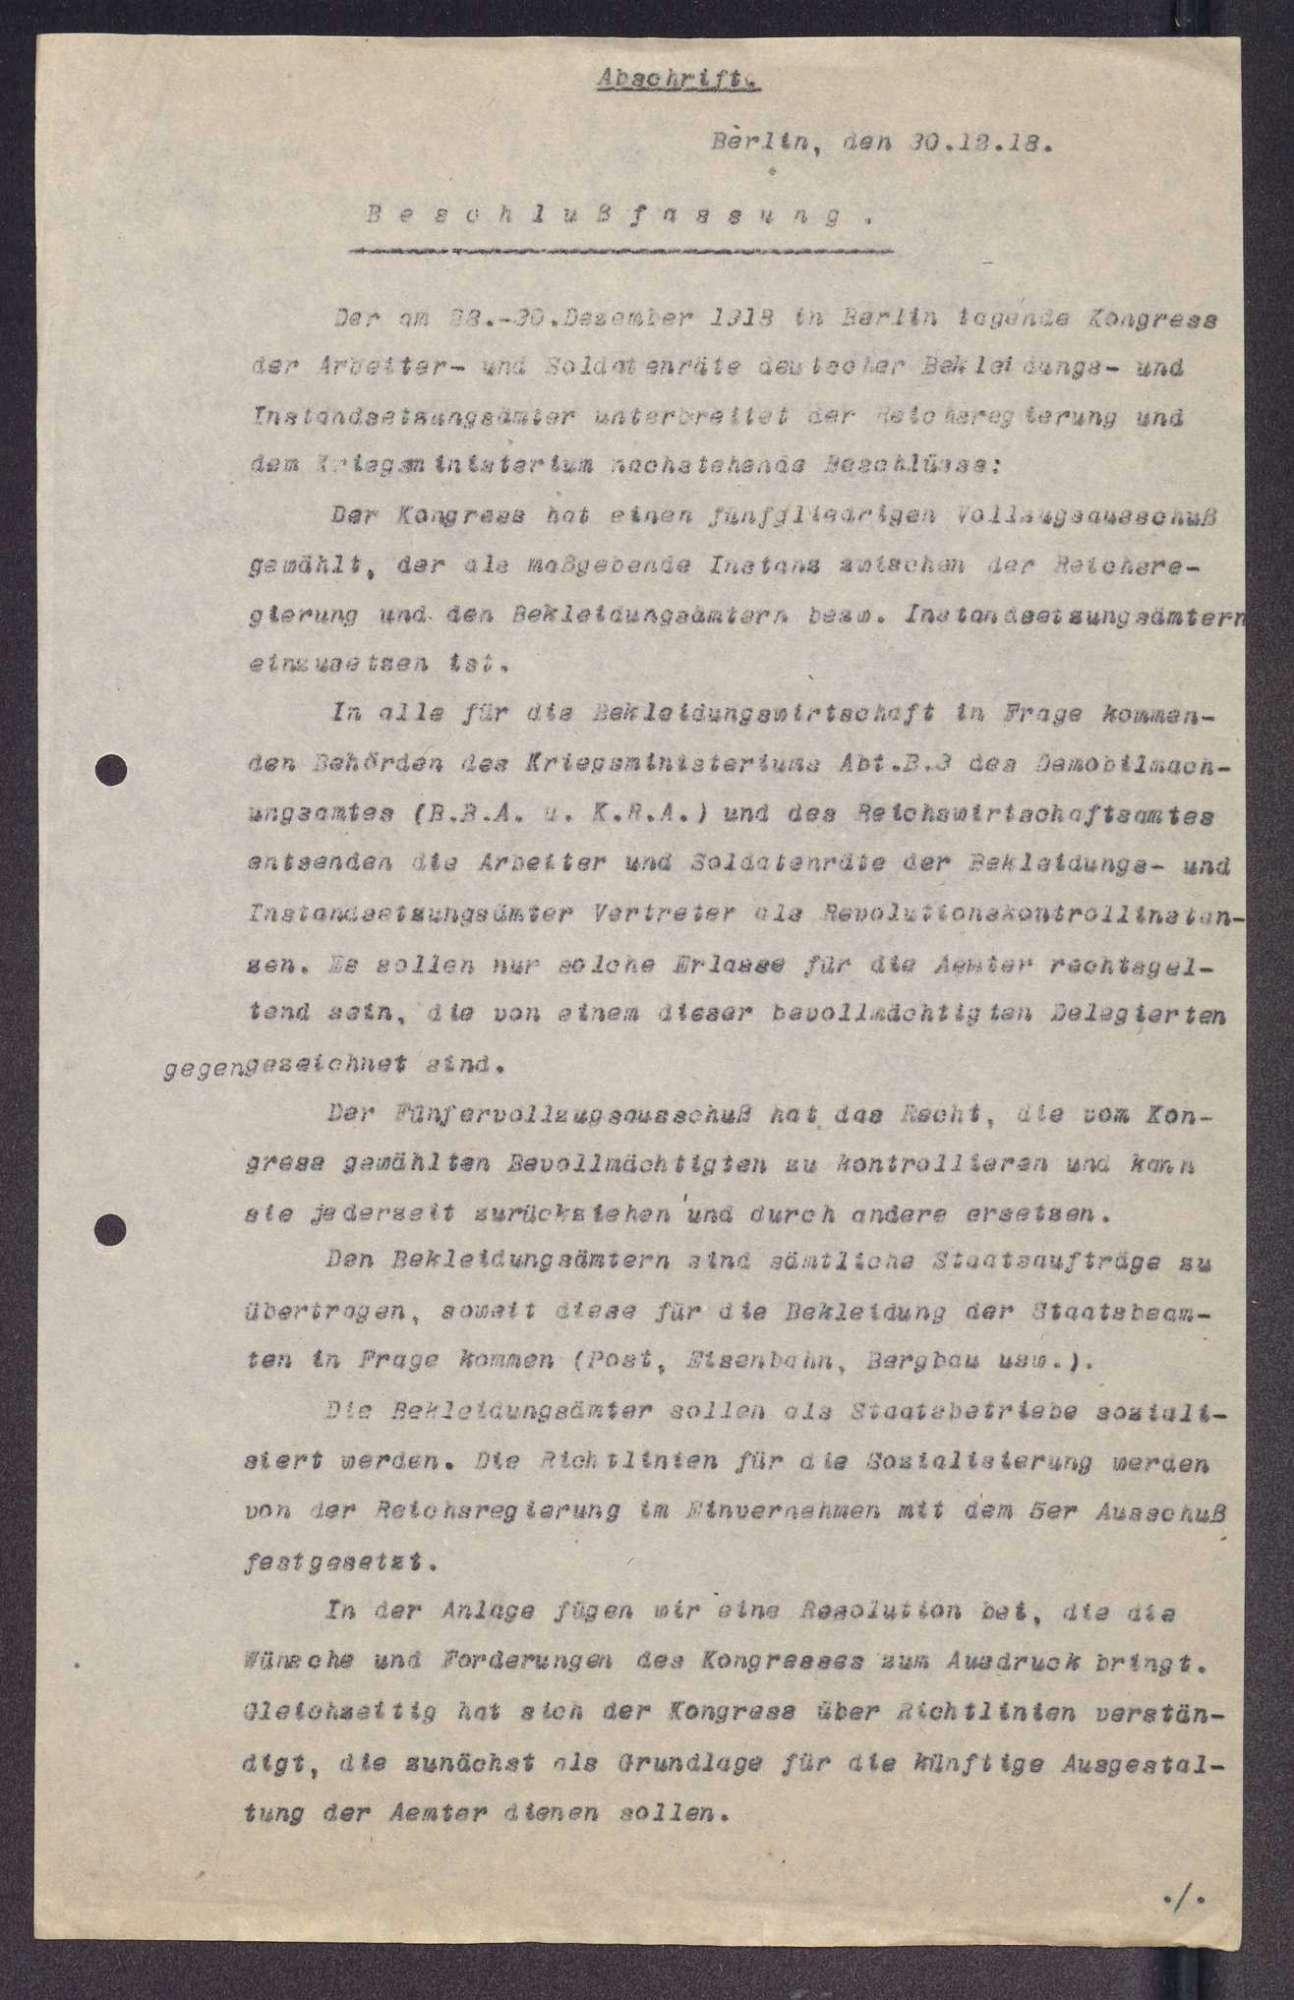 Beschlüsse des Kongresses der Arbeiter- und Soldatenräte der deutschen Bekleidungs- und Instandsetzungsämter in Berlin, Bild 2